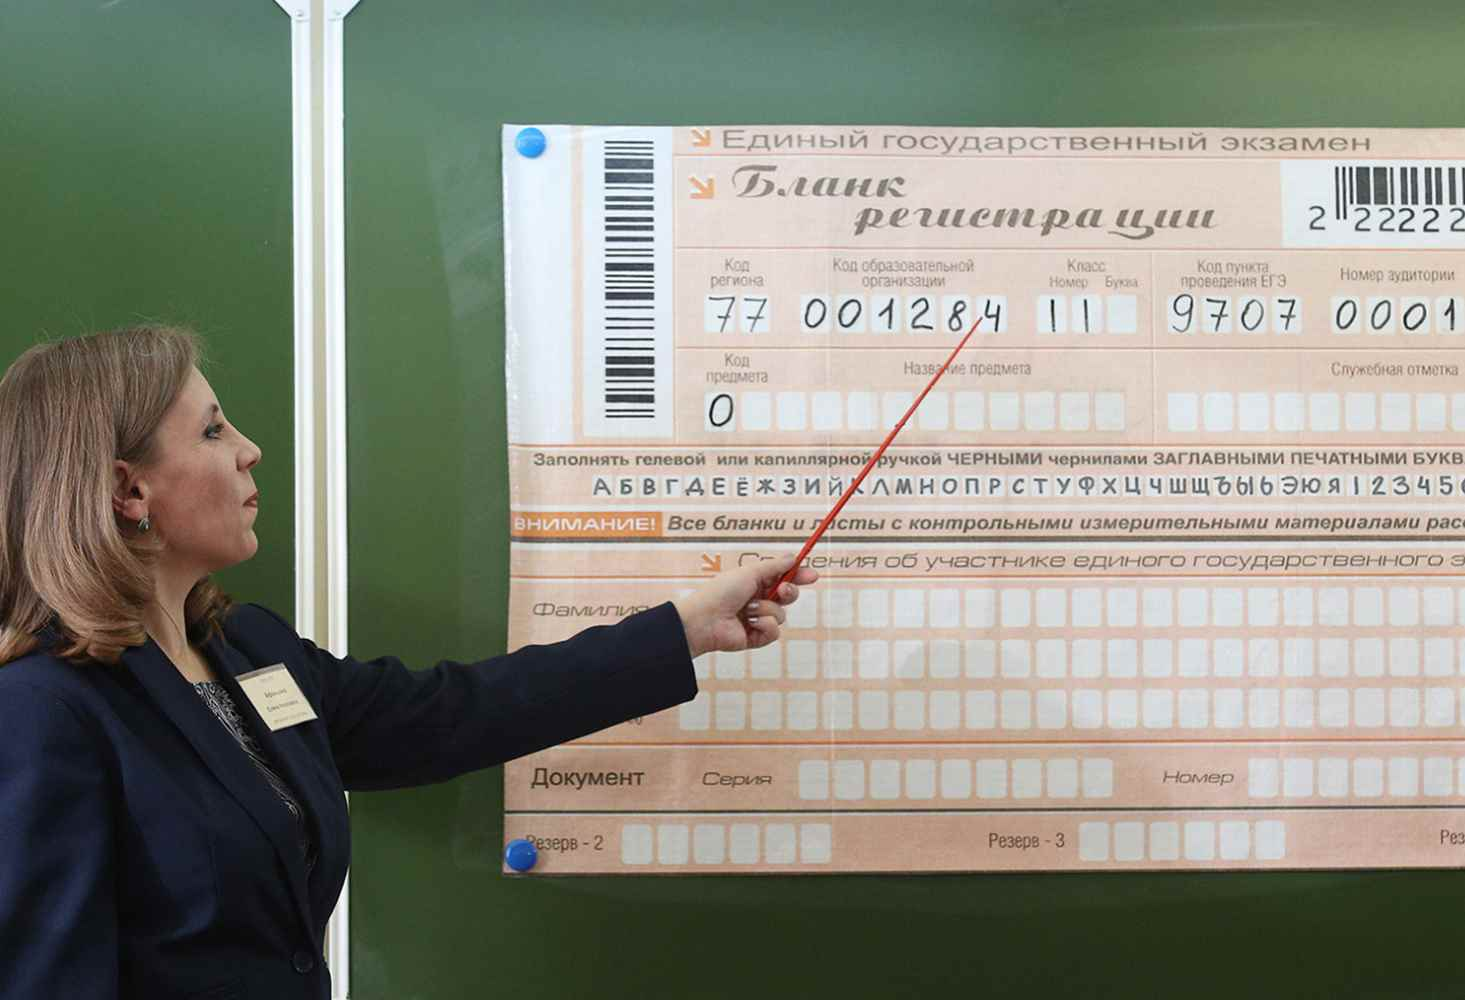 pedagogi-iz-primorya-otkazyvayutsya-rabotat-na-oge-i-ege